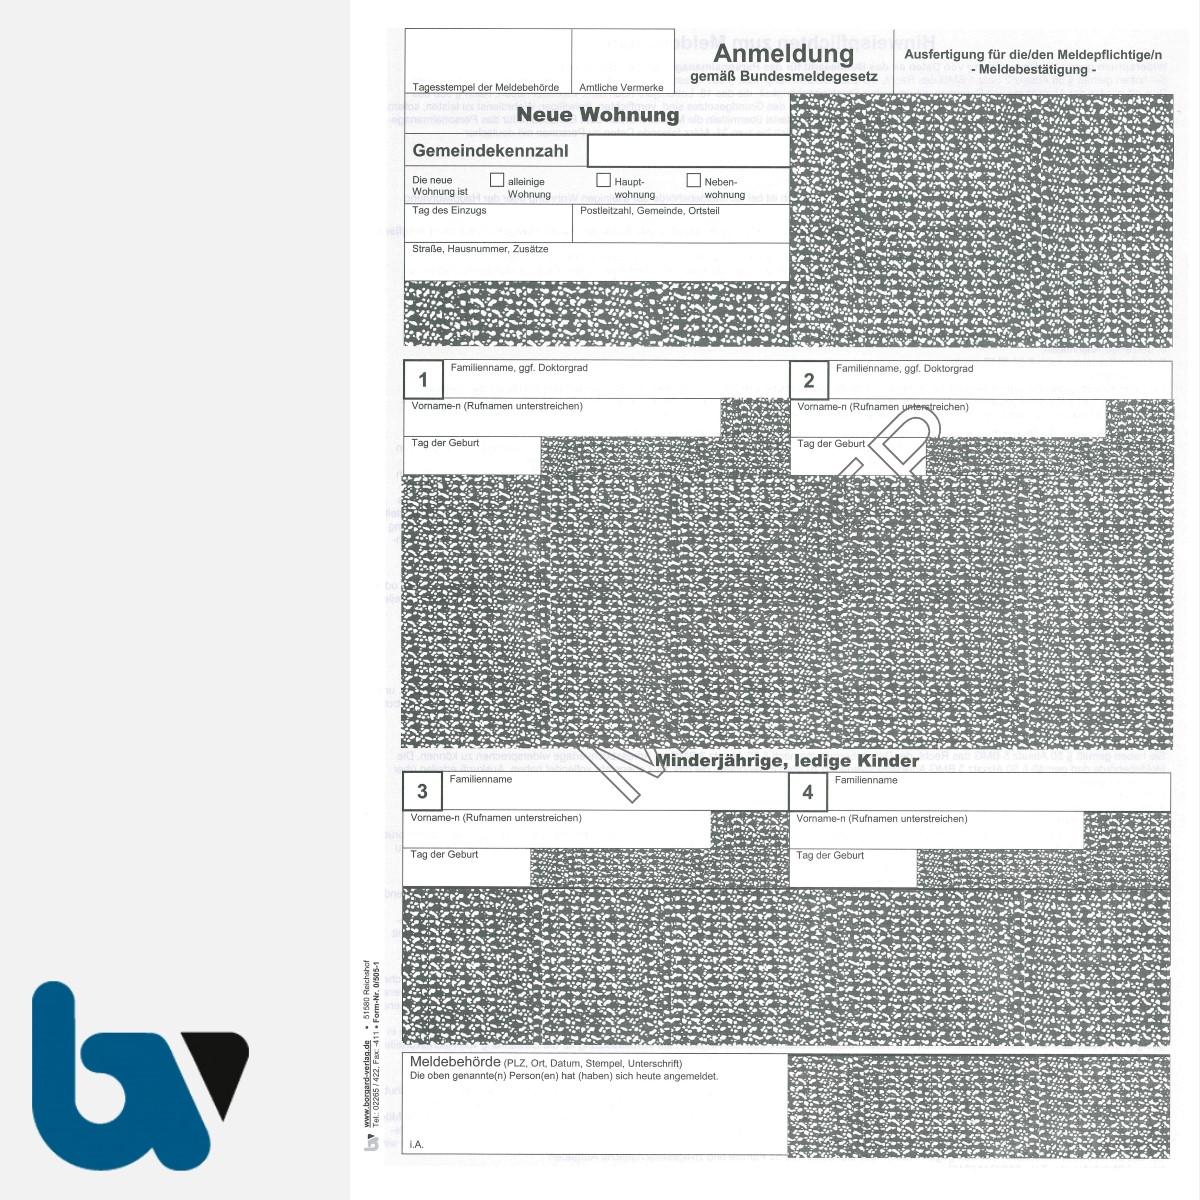 0/505-1 Anmeldung Meldeschein Bestätigung Meldebehörde Bundesmeldegesetz Hinweispflichten 2-fach selbstdurchschreibend DIN A4 Seite 2 | Borgard Verlag GmbH